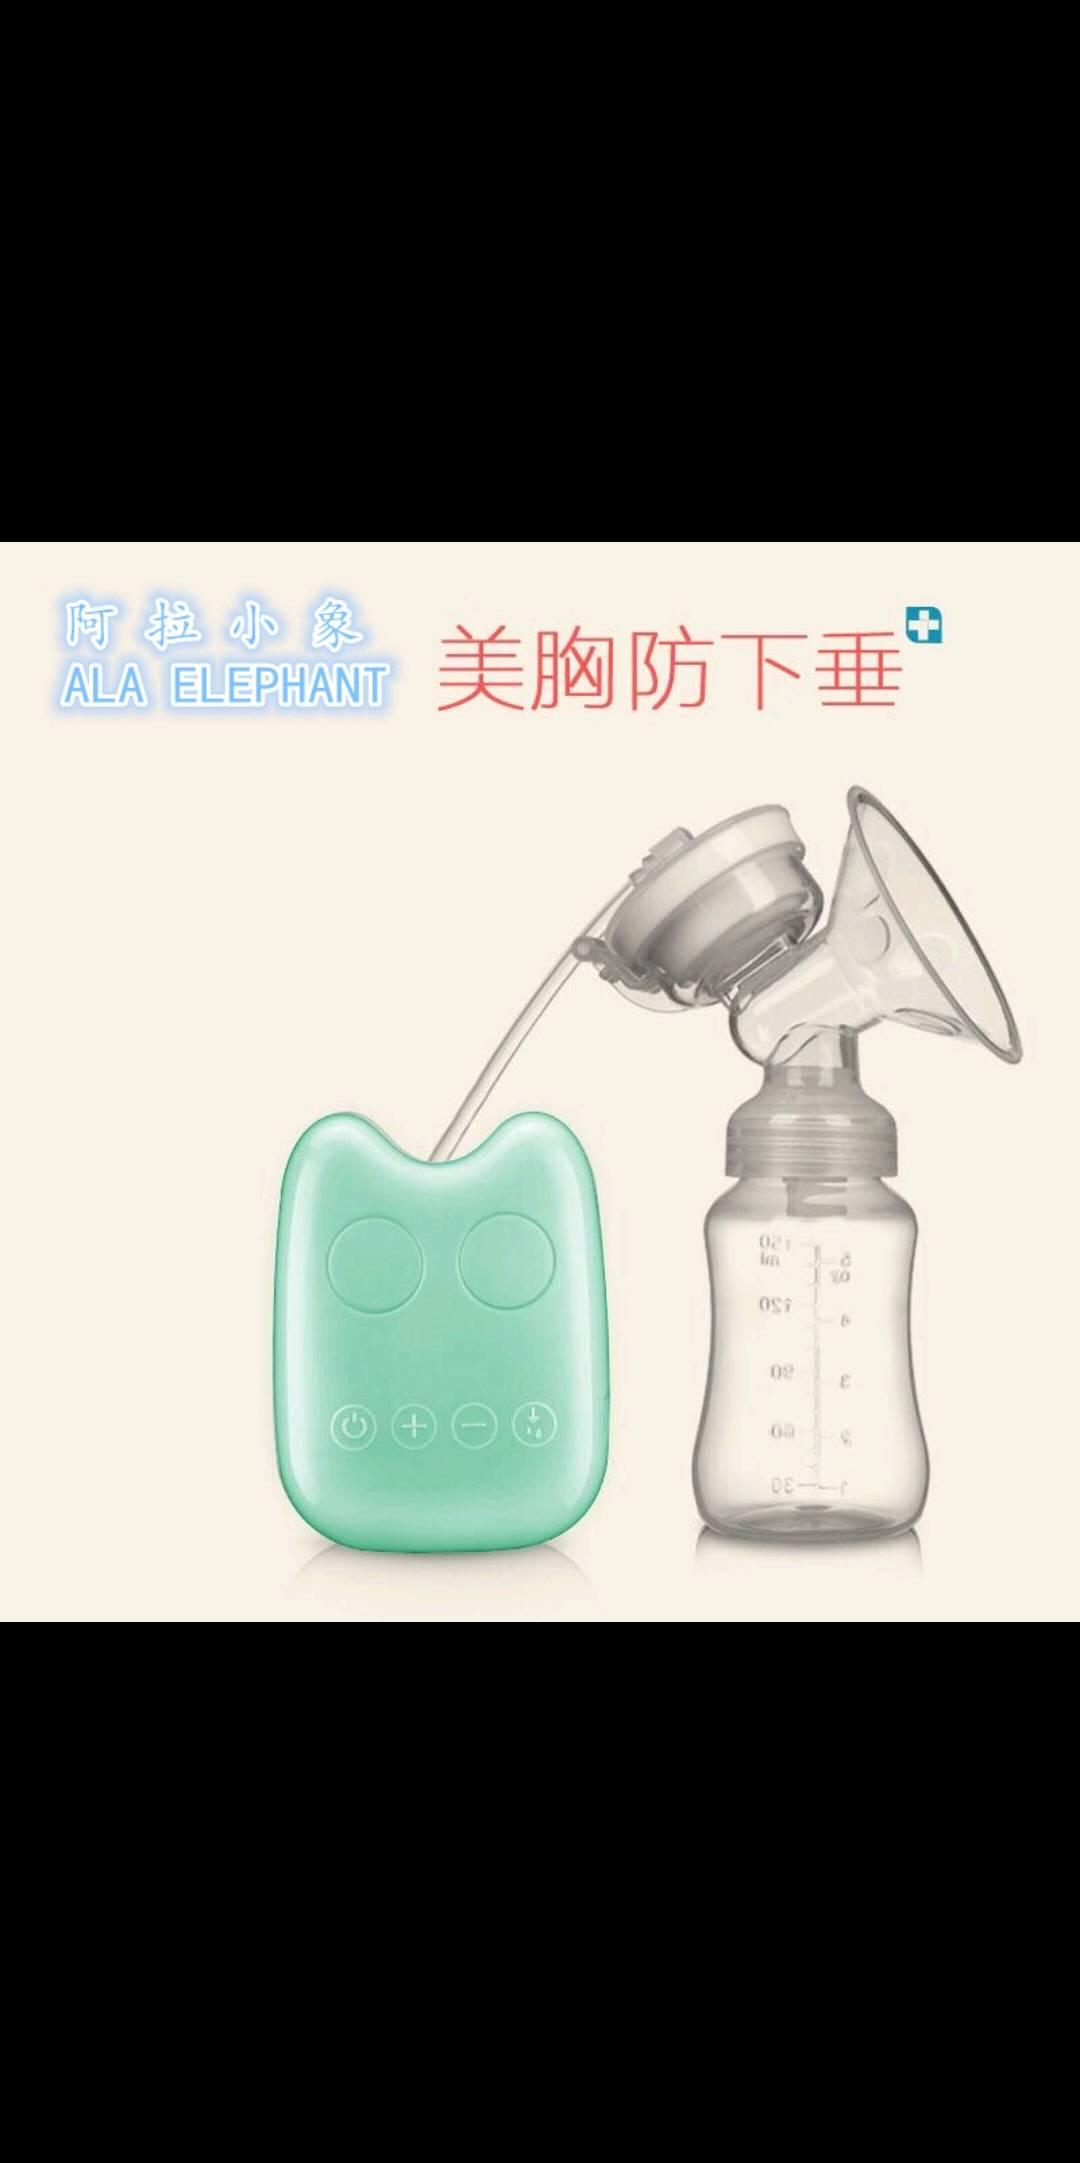 阿拉小象龙猫电动吸奶器 电动挤奶器/吸乳器 全硅胶吸奶器